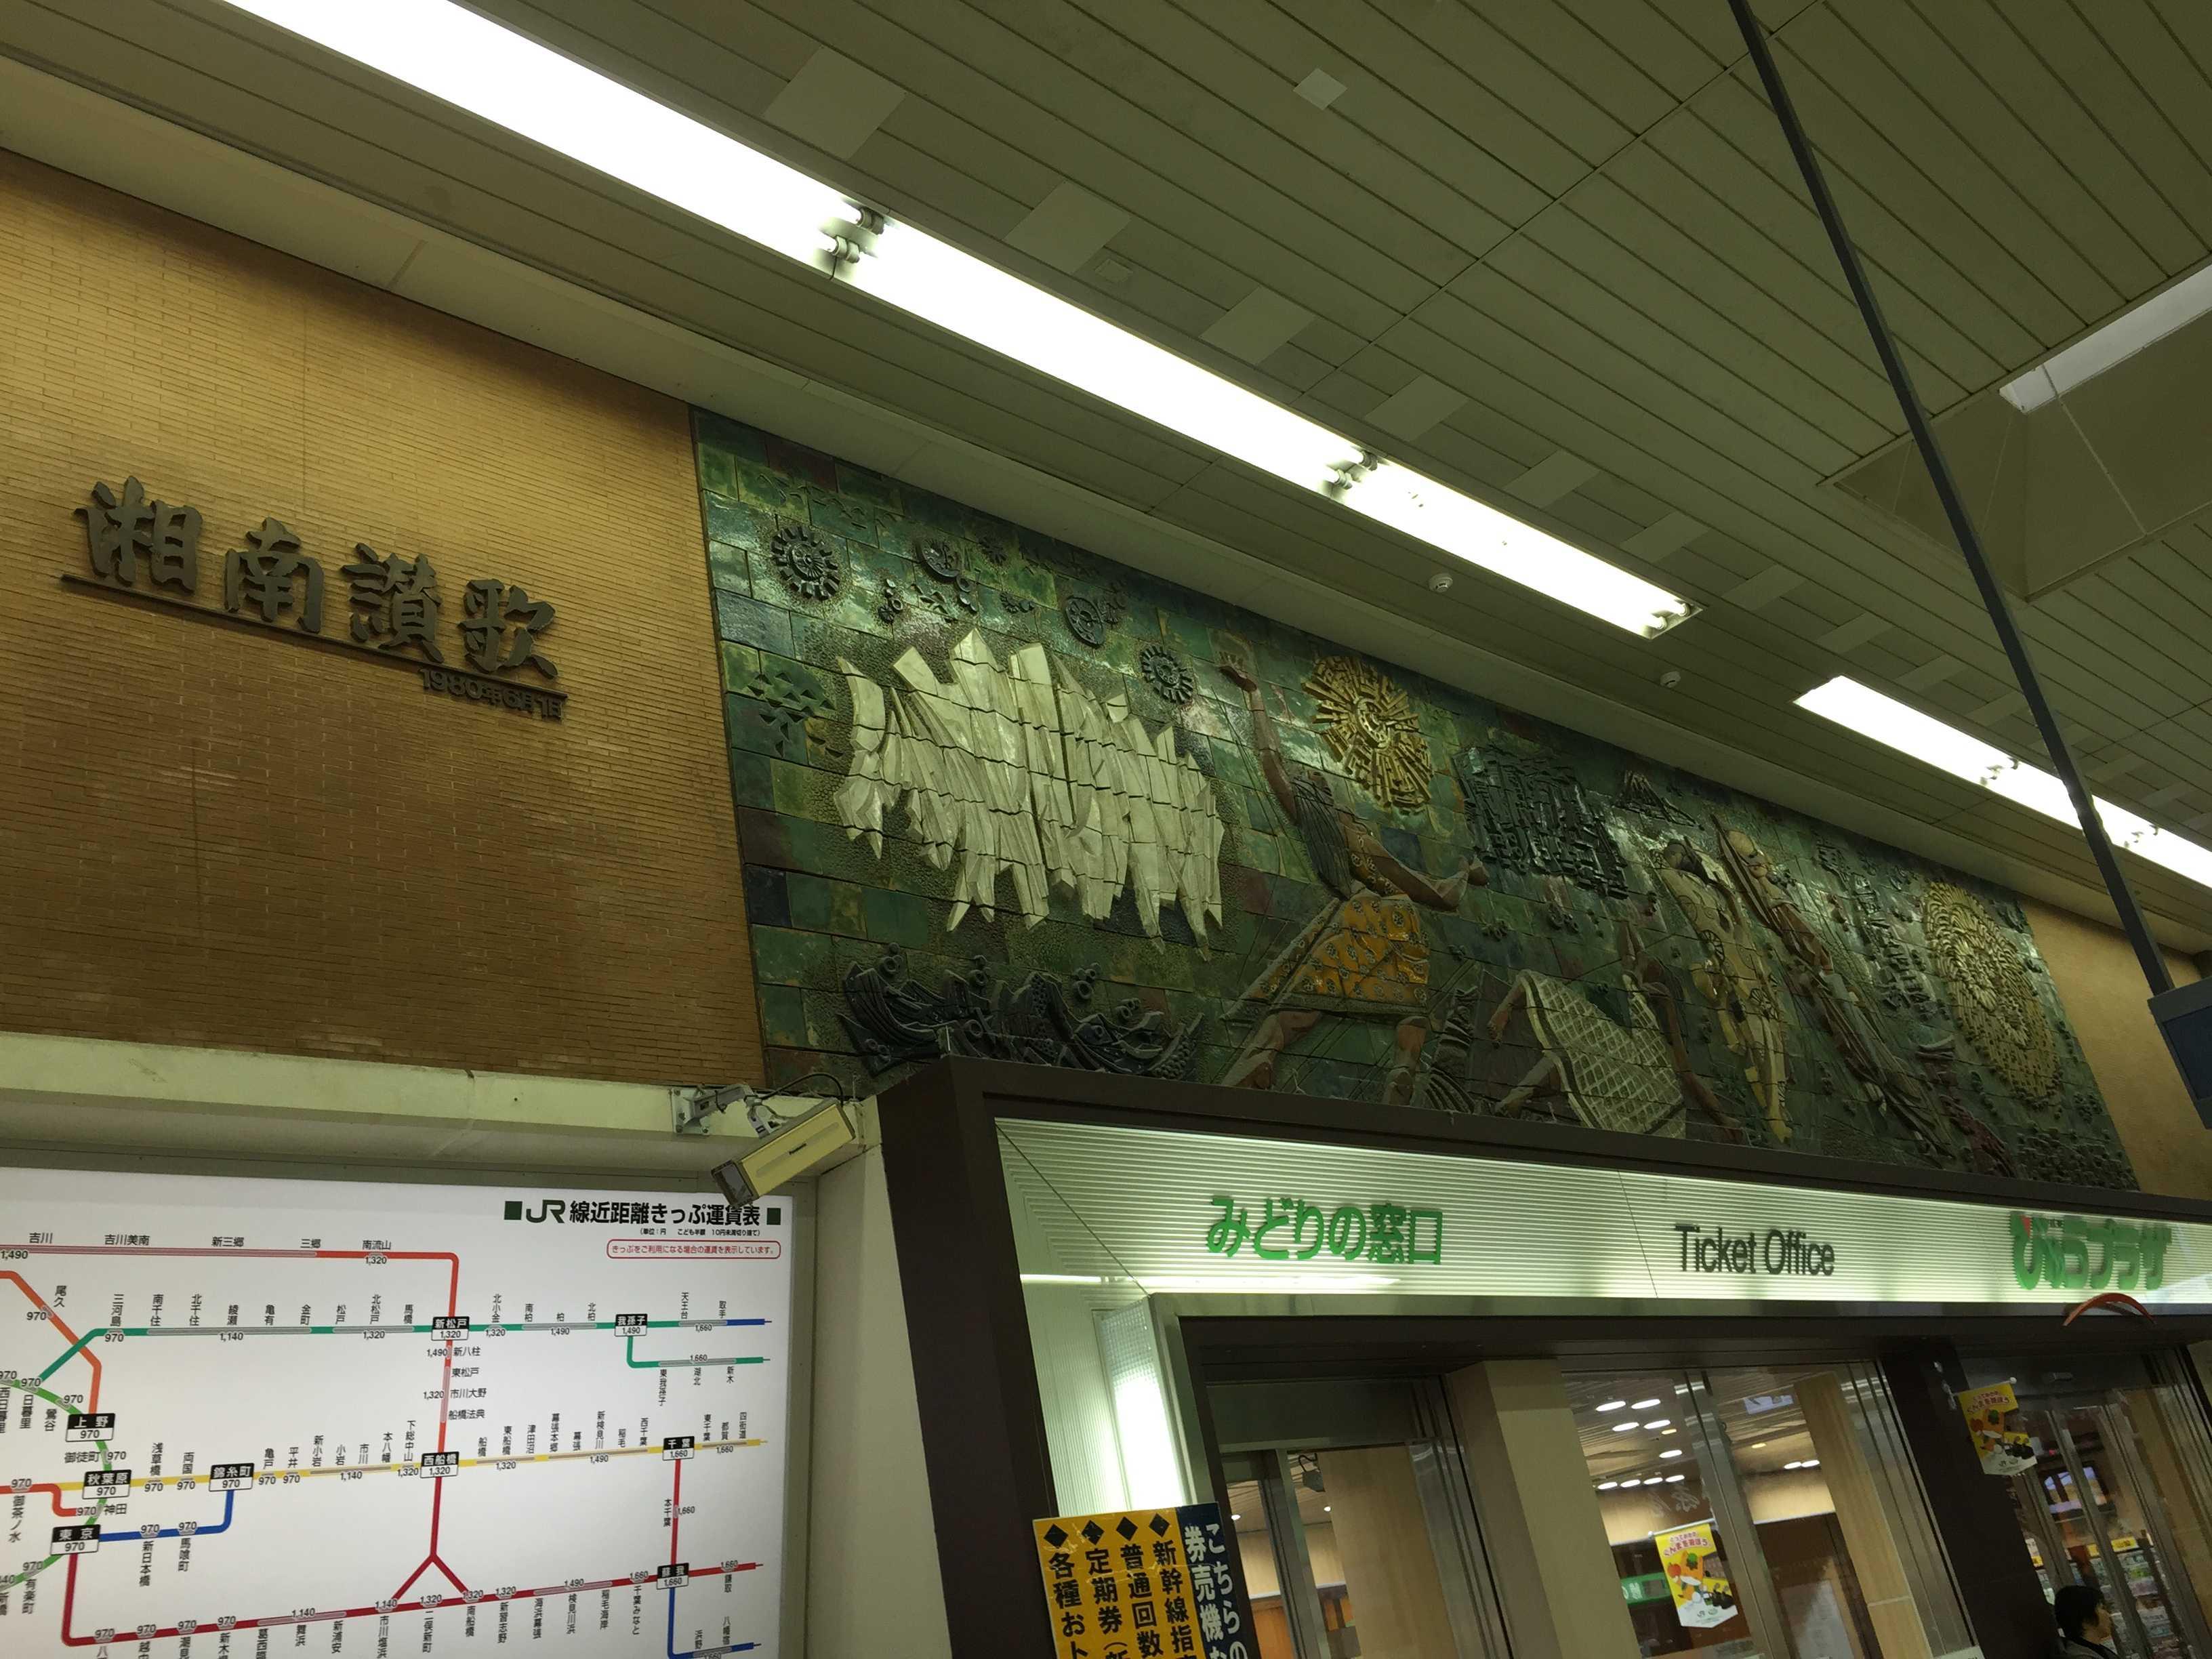 湘南賛歌 JR藤沢駅